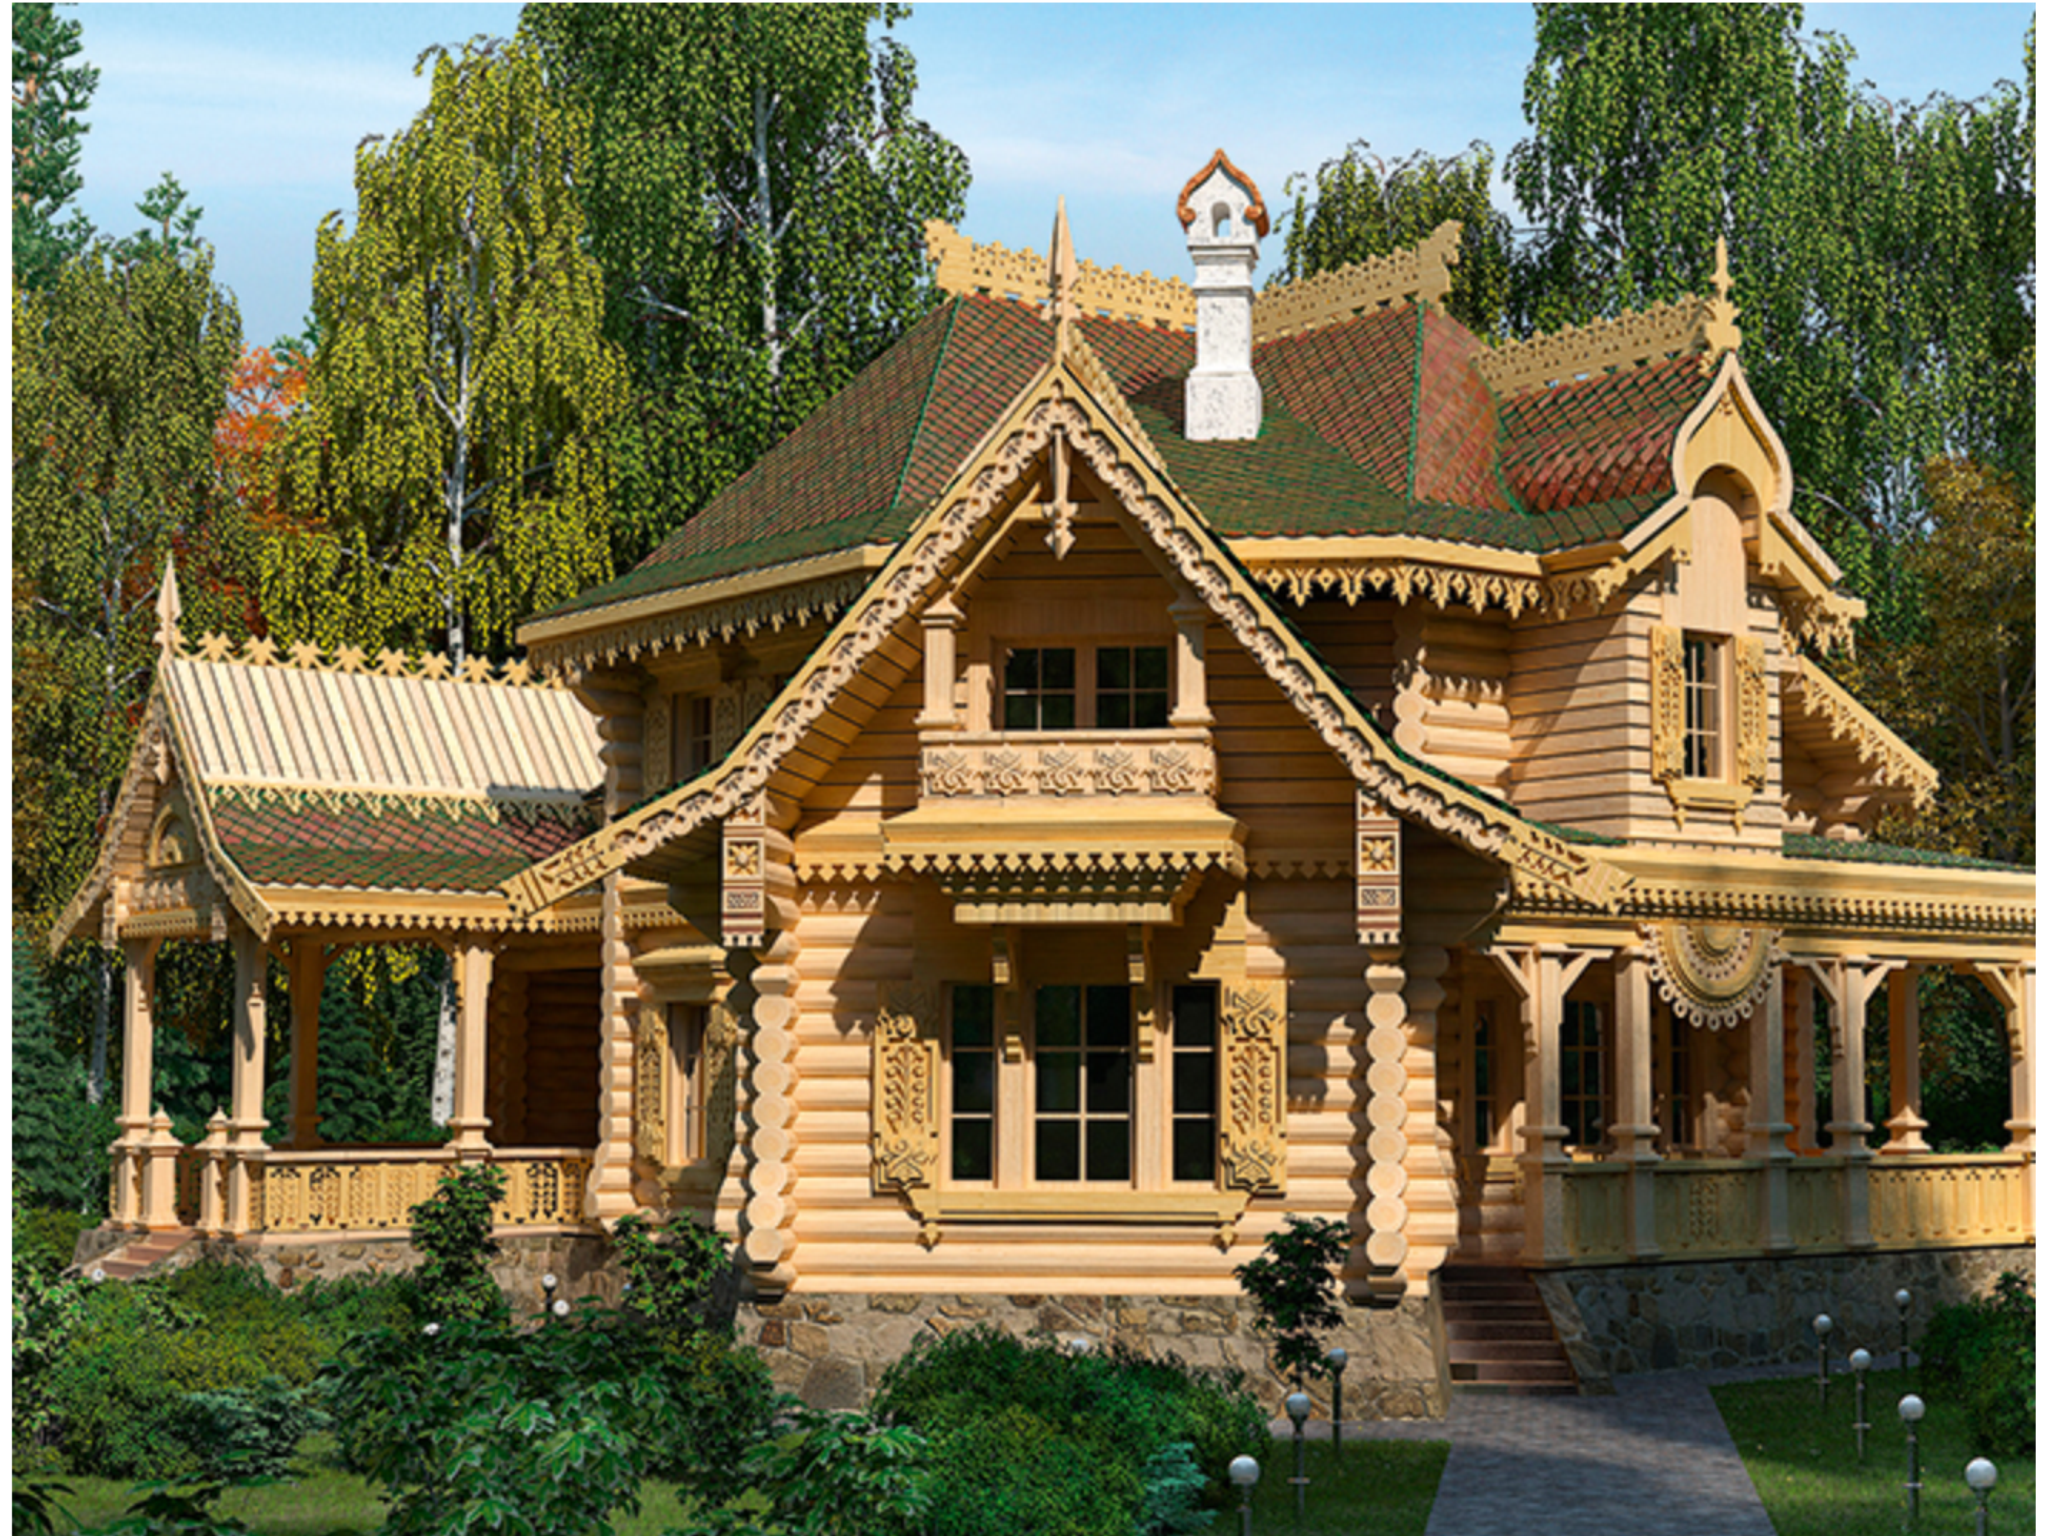 Строительство домов из профилированного бруса: проекты, цены, преимущества, этапы строительства